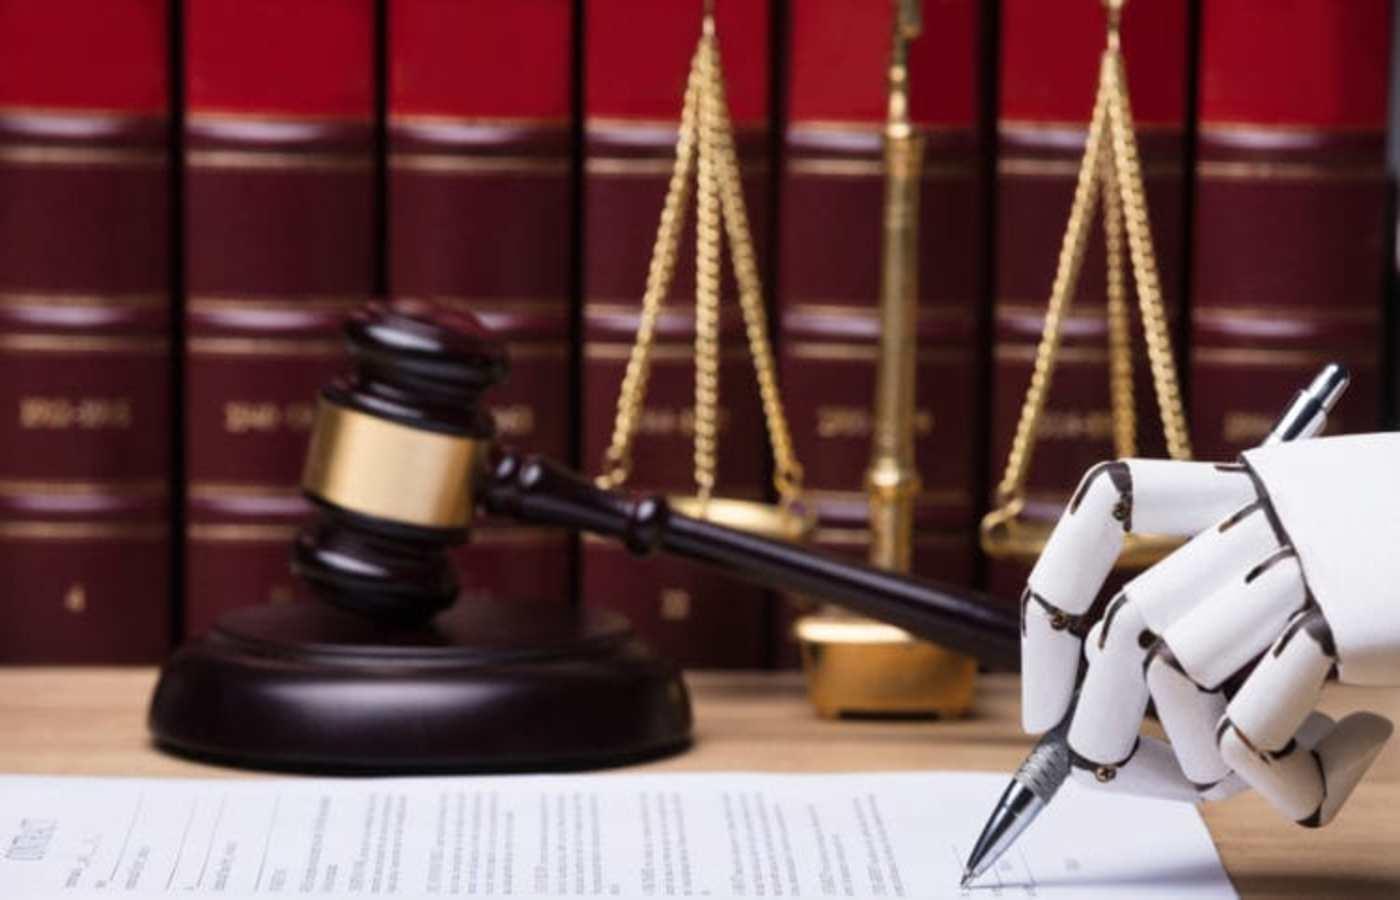 ai-judge-gavel-750x450-min11400x900-mmmmmm.jpg